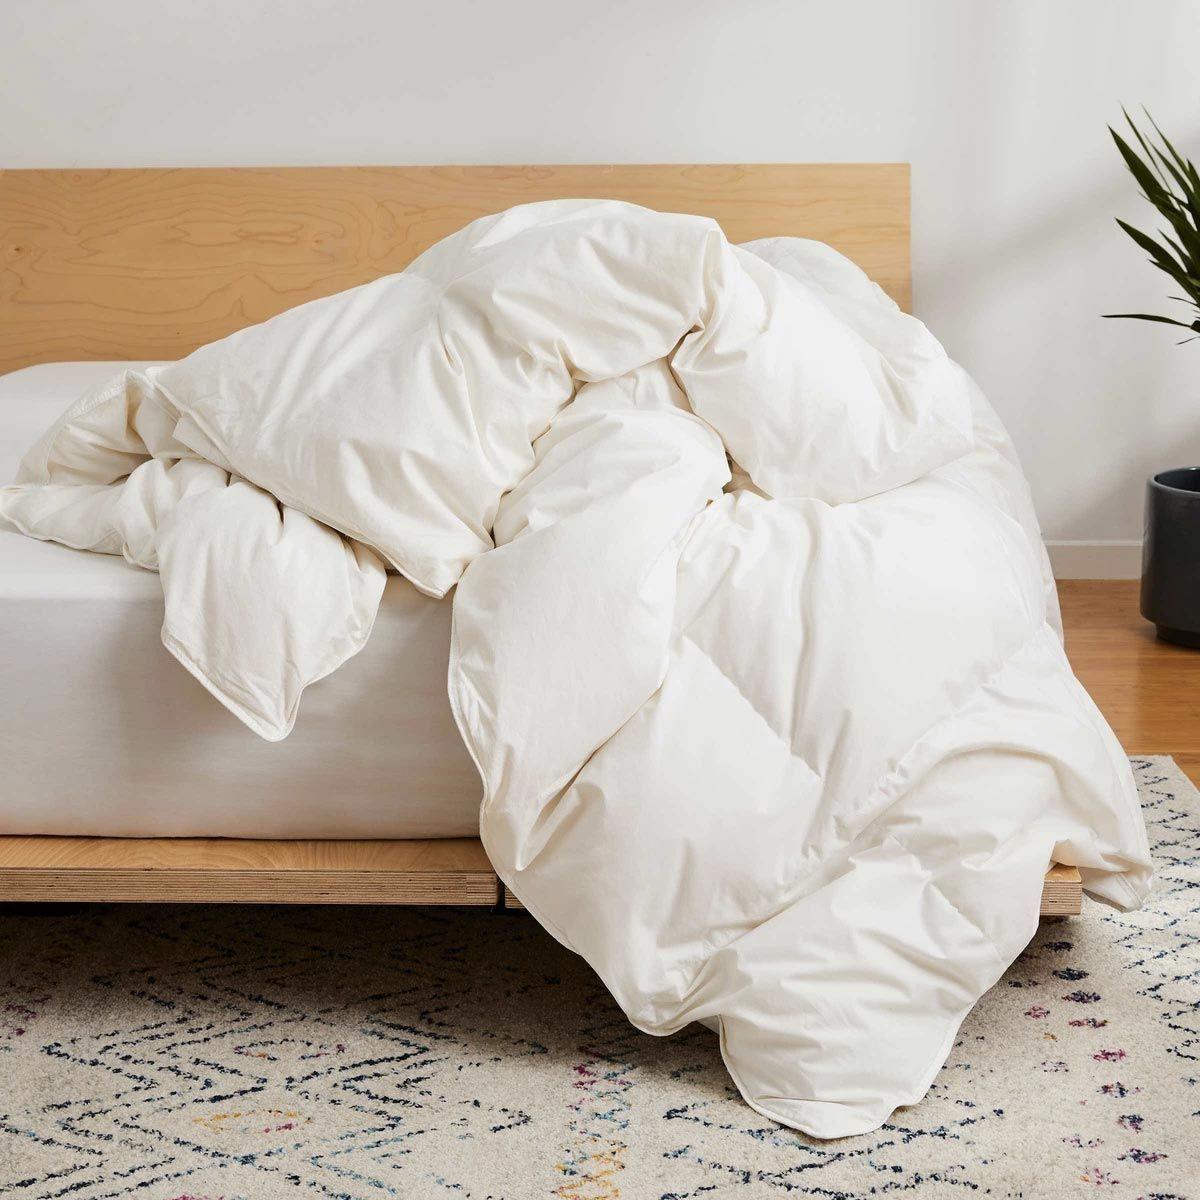 9 Best Comforters Of 2021 Reviews For Top Comforter Set Brands